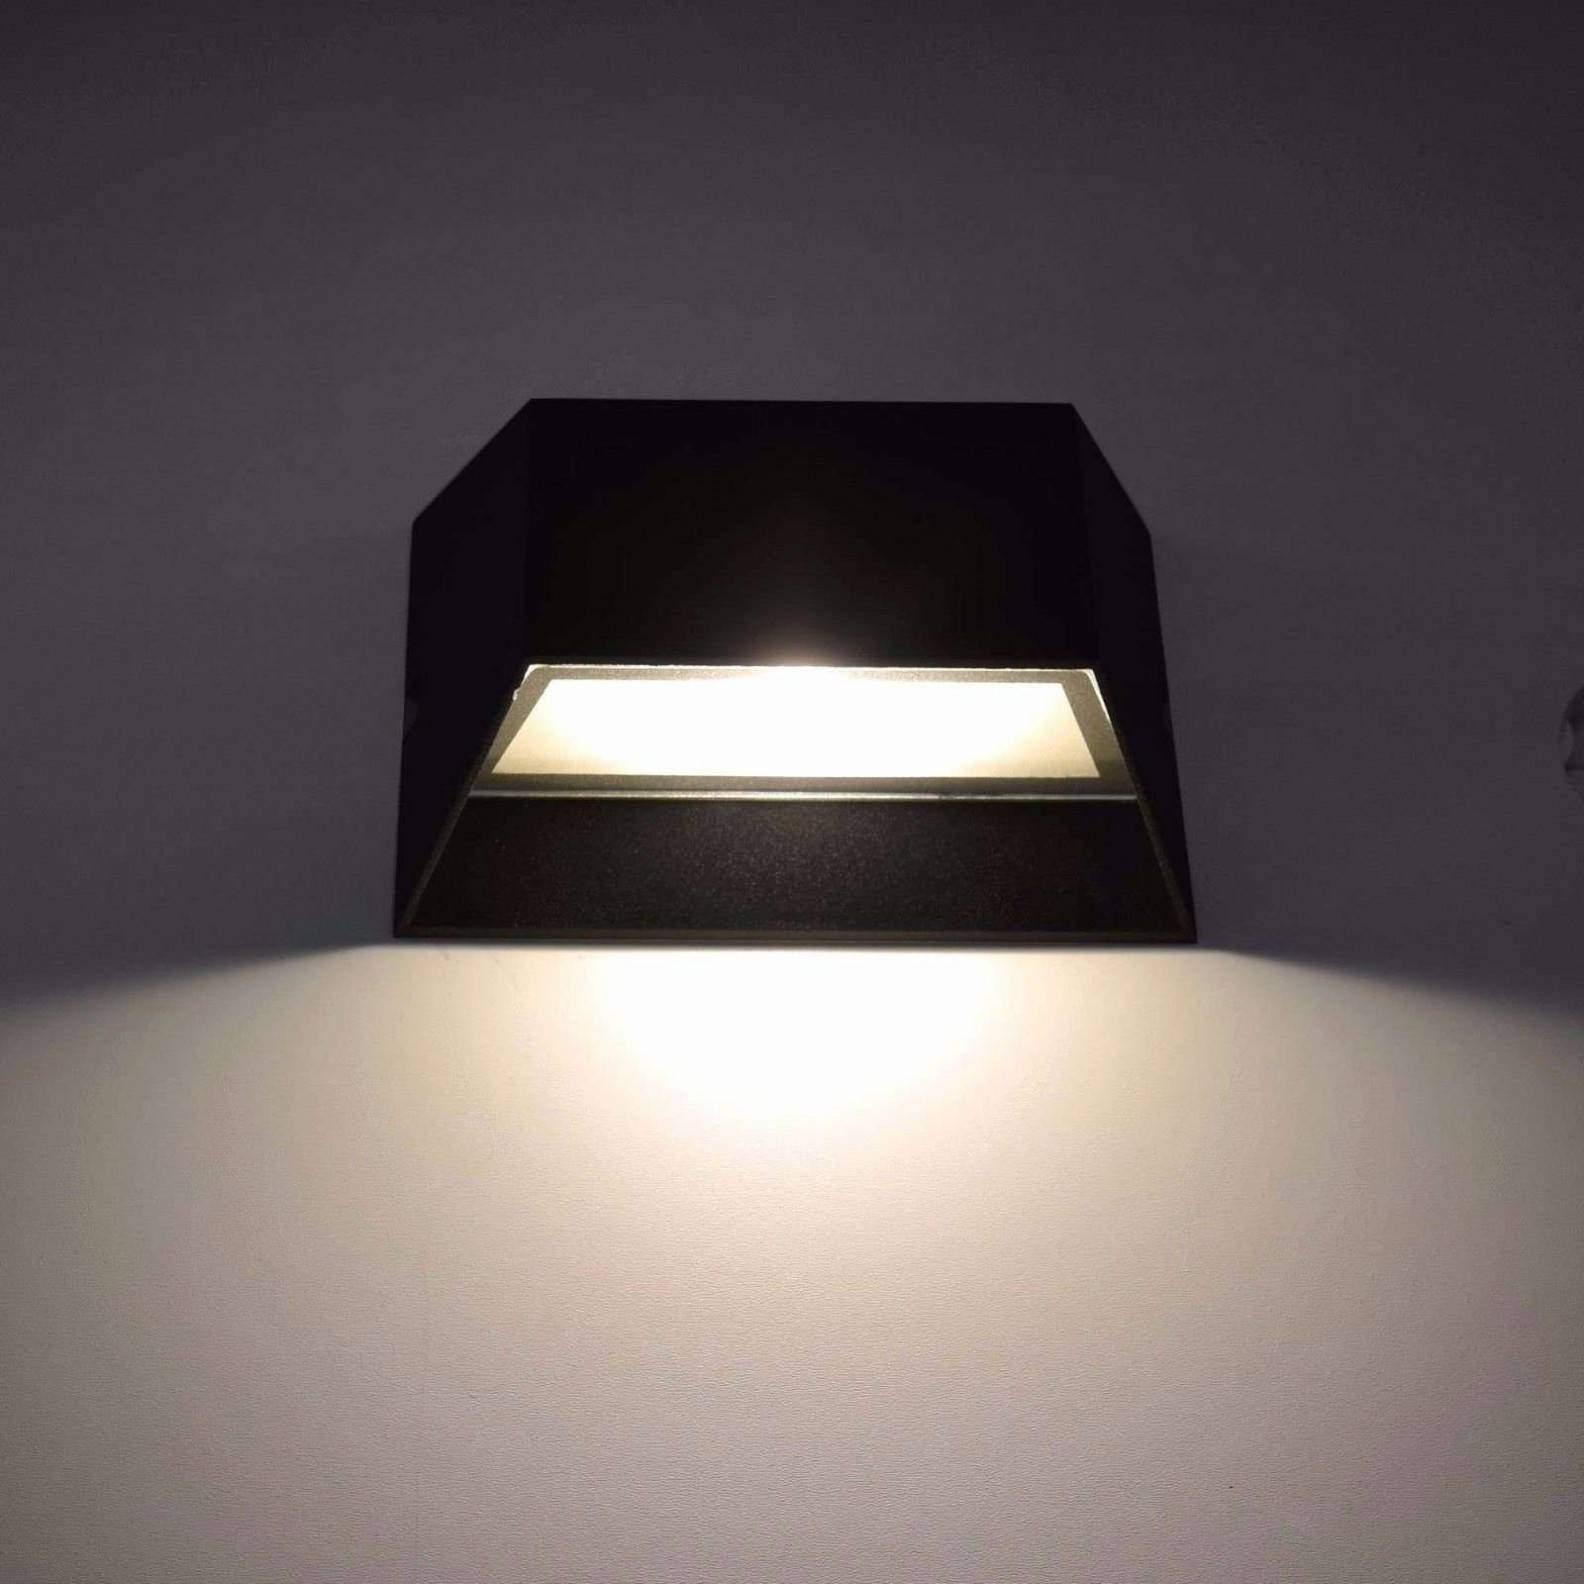 Full Size of Wohnzimmer Deckenlampe Luxus Deckenlampen Modern Led Deckenleuchte Decke Wandbilder Großes Bild Für Deckenleuchten Hängelampe Tischlampe Tapeten Ideen Lampe Wohnzimmer Wohnzimmer Deckenlampe